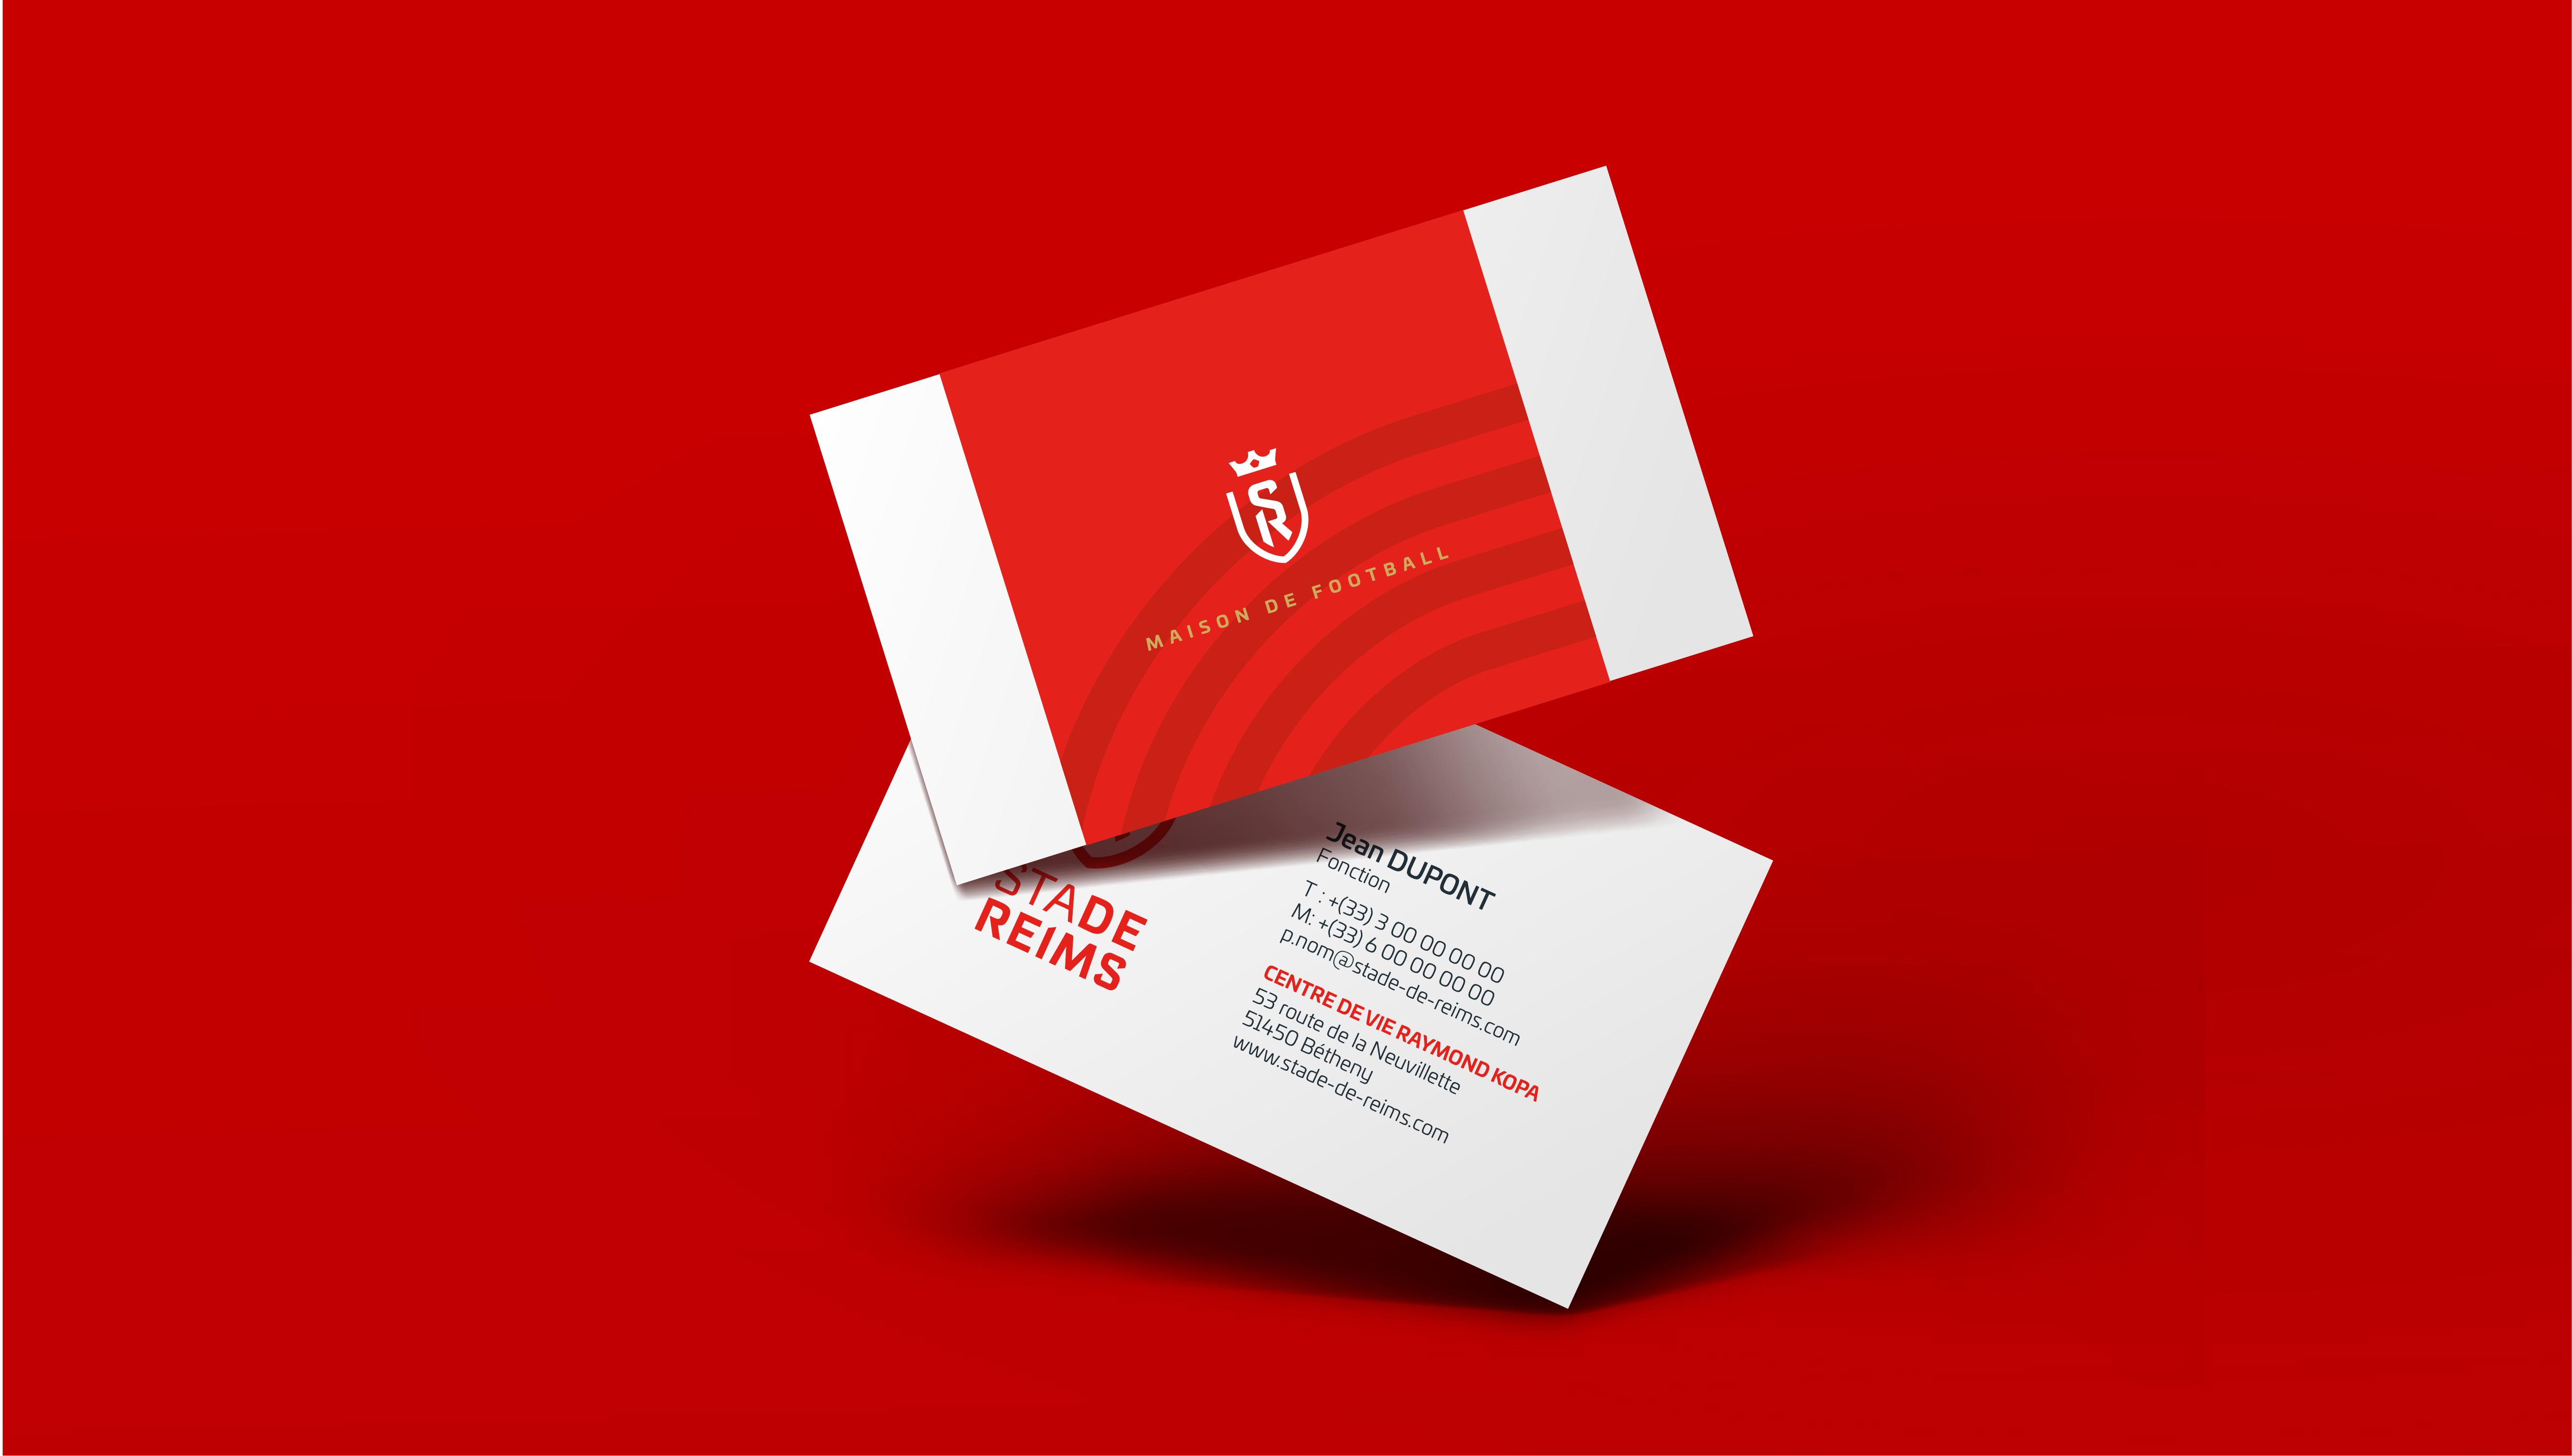 actualite_news_corps_visuel_club_stade_de_reims_identite_visuelle_territoire_de_marque_signature_maison_de_football_carte_de_visite_leroy_tremblot